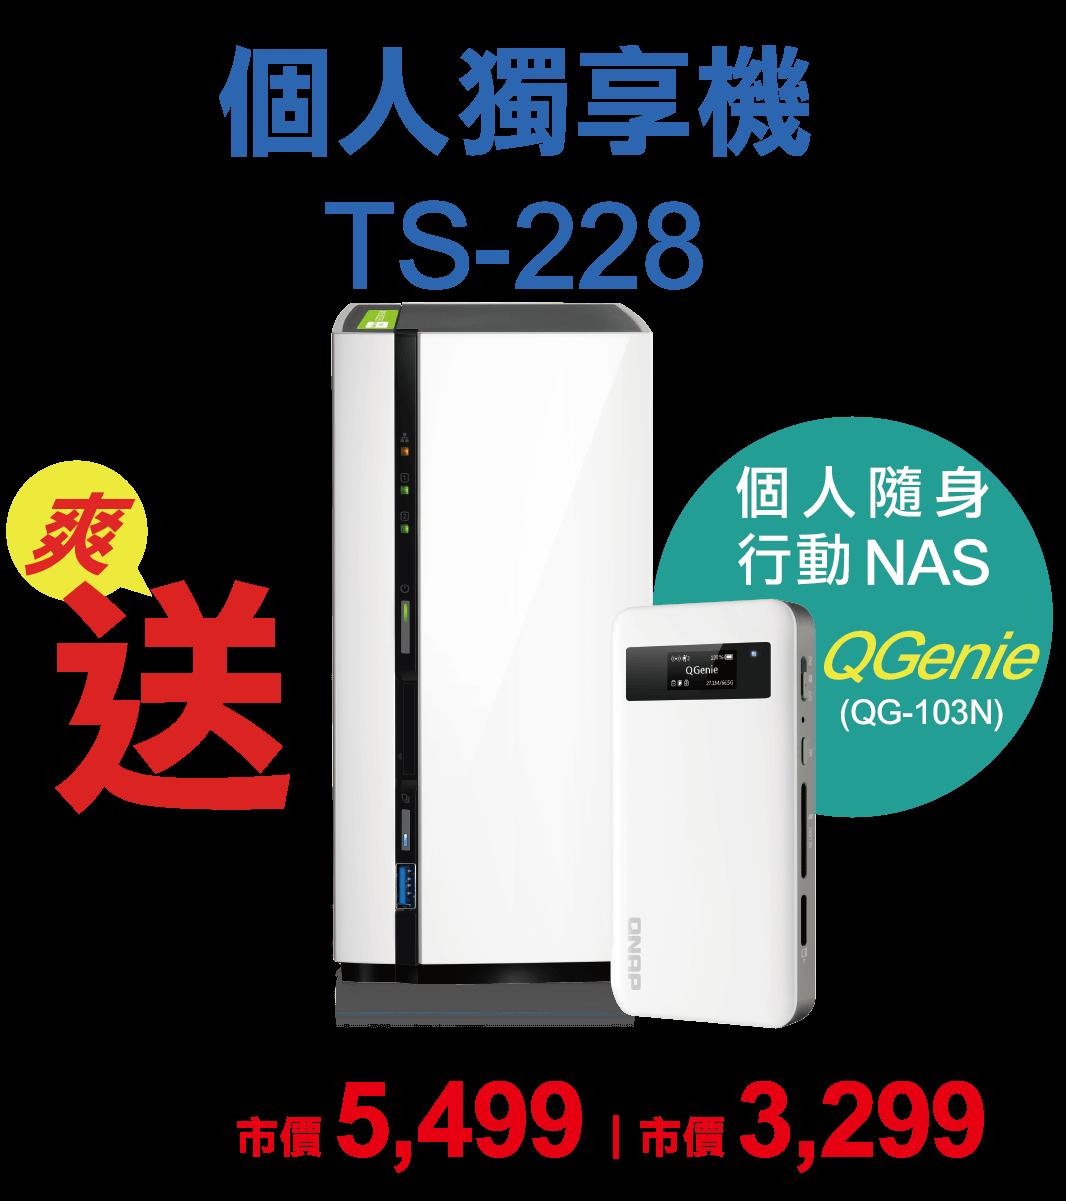 買TS-453mini送QGenie + TS-228